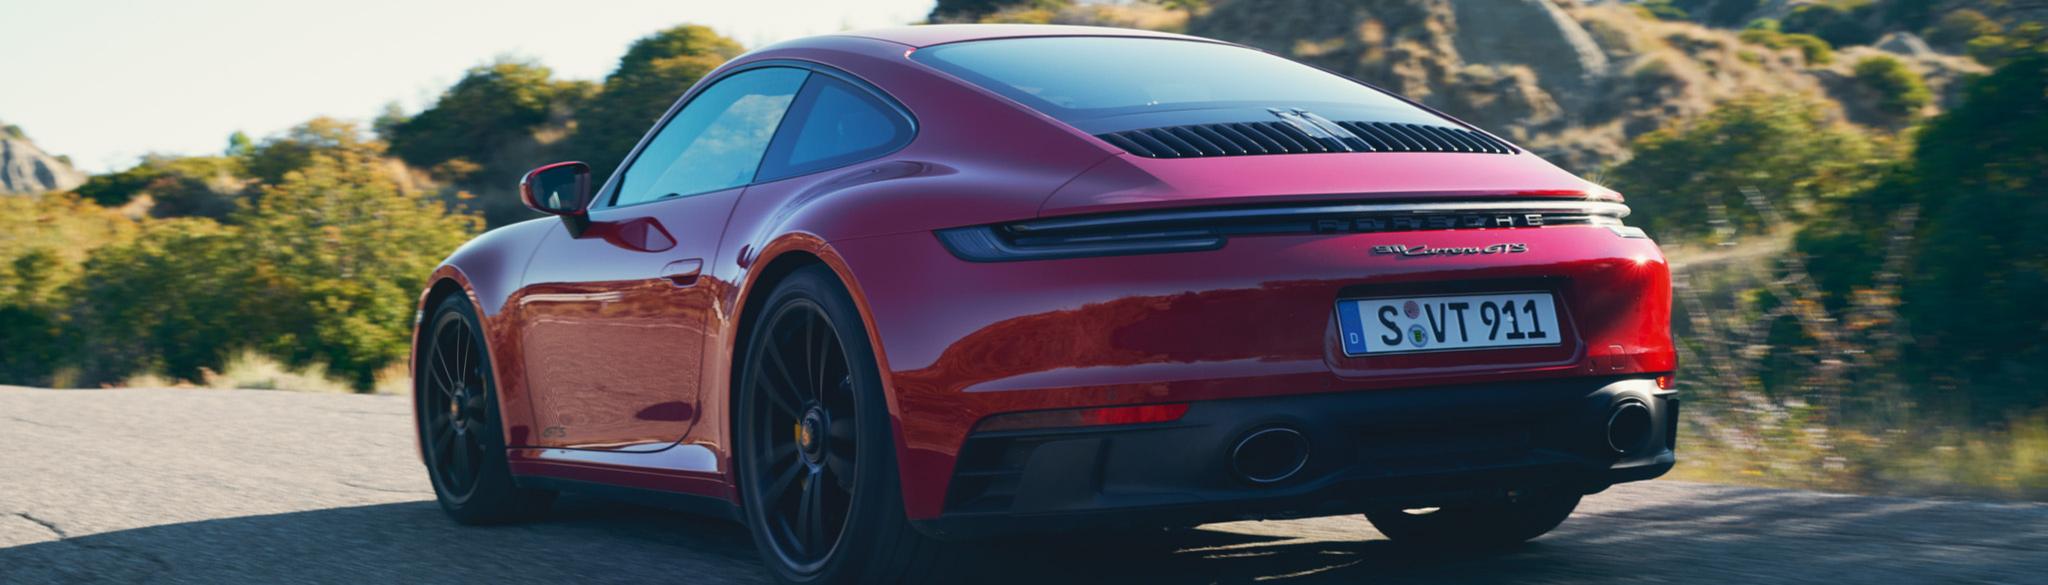 New 911 Carrera GTS